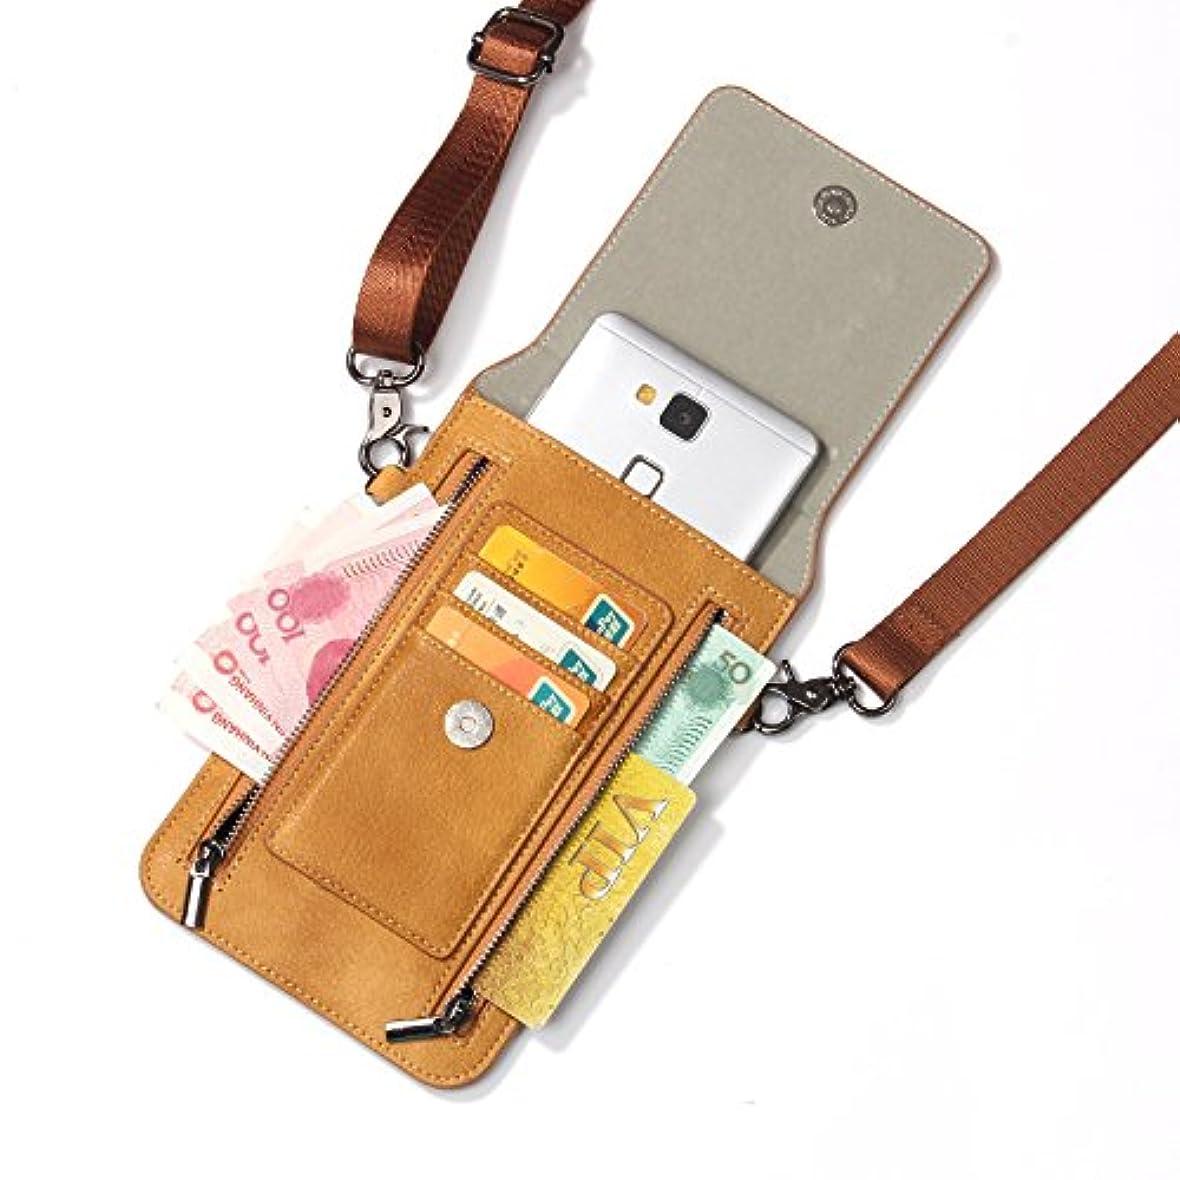 予測するシエスタあごiPhone XS Max ケース レザー INorton 多機能スマホポーチ 保護カバー 財布型 軽量 カード お金収納 ストラップ付き iPhone X /8/8Plus/7/7Plusなど6.5インチ汎用